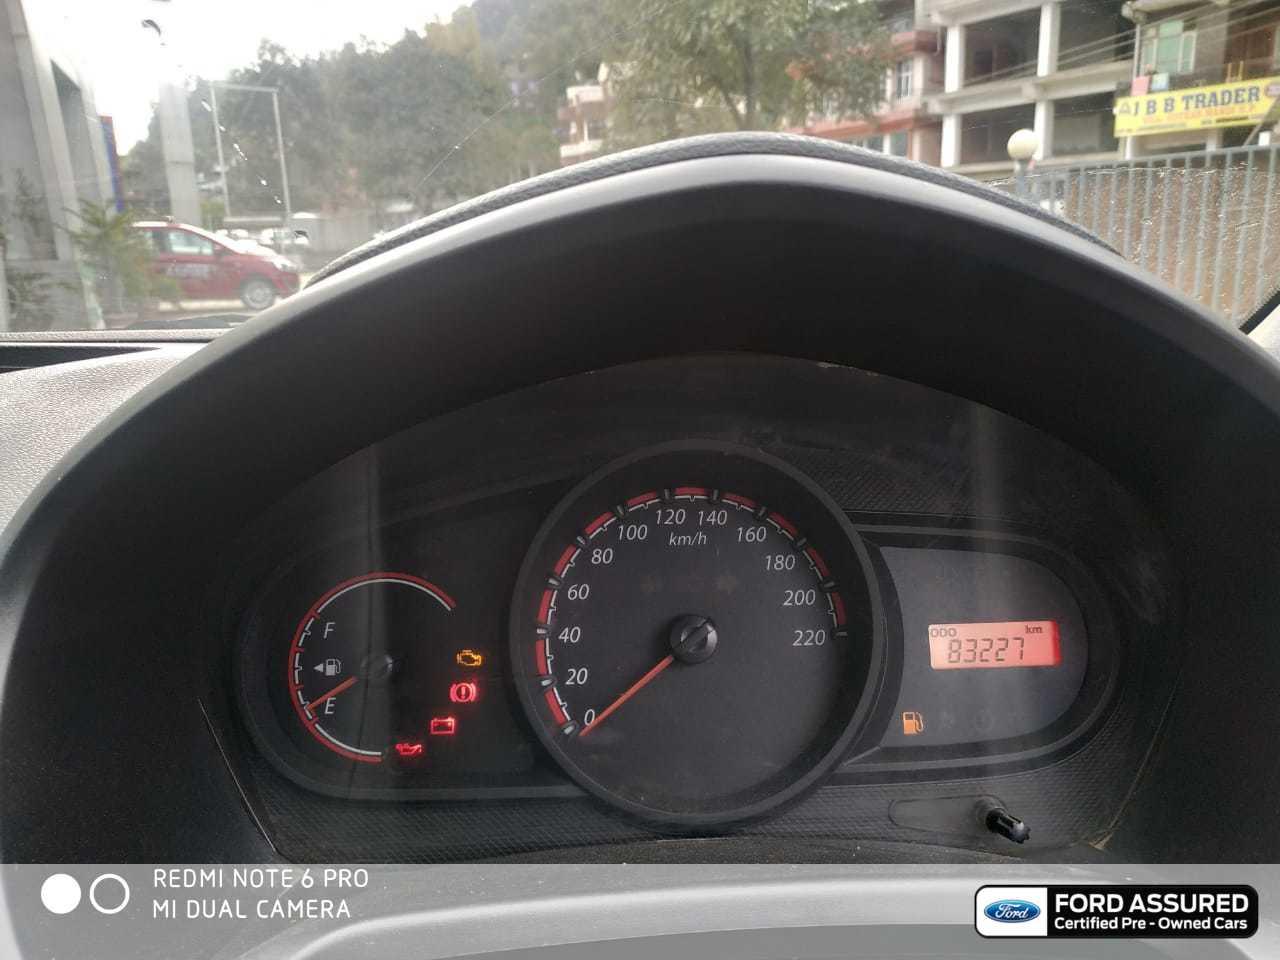 Ford Figo 2012-2015 Petrol EXI